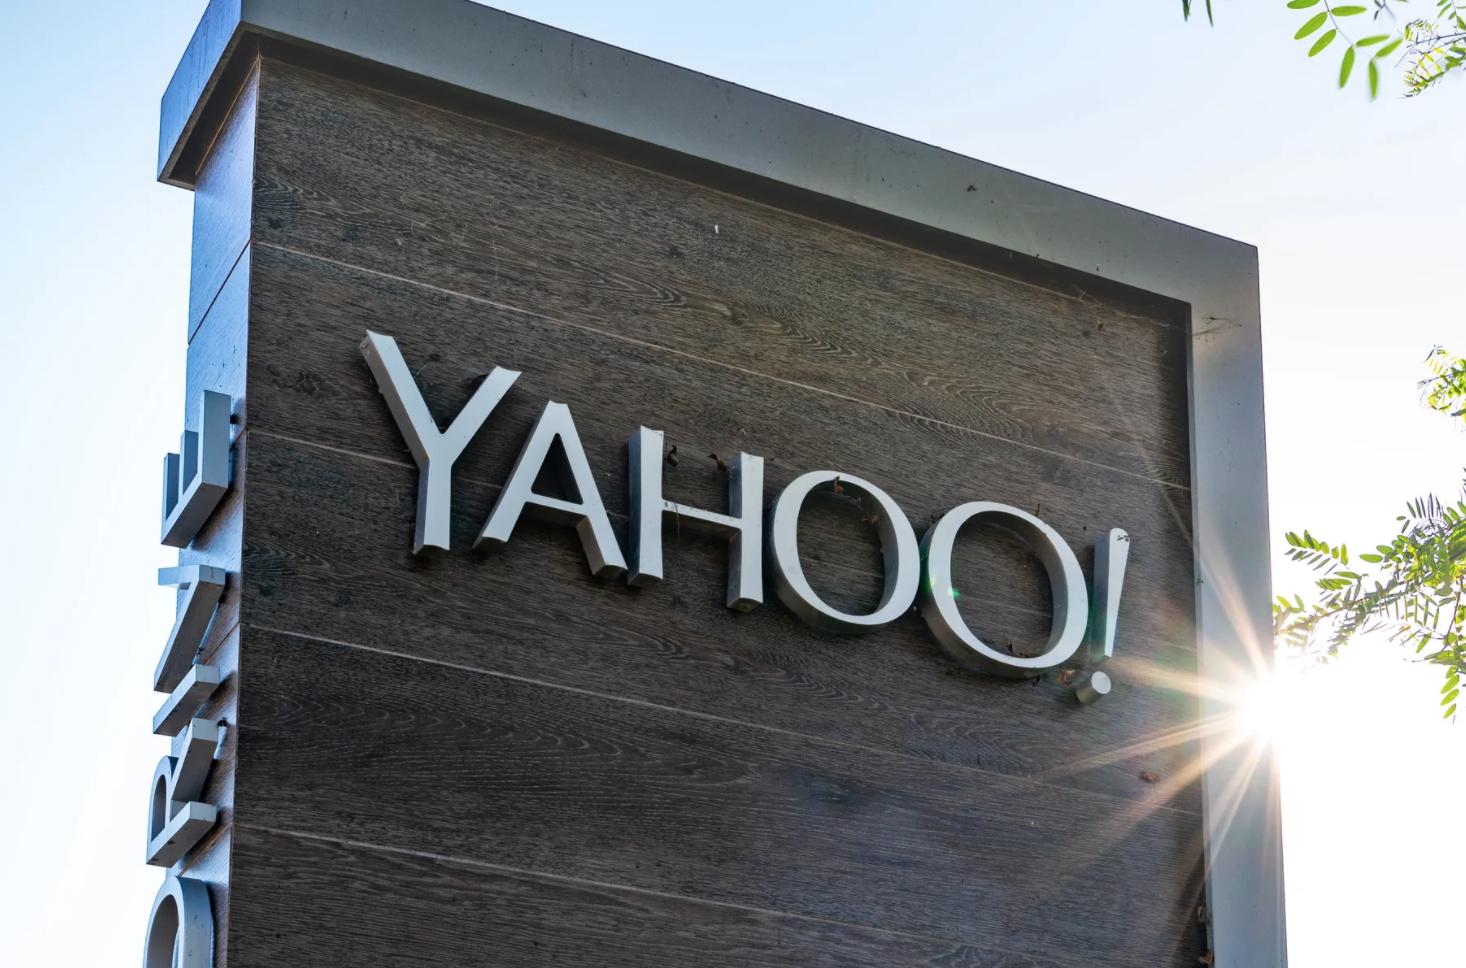 Nền tảng hỏi đáp lâu đời của Yahoo ngừng hoạt động